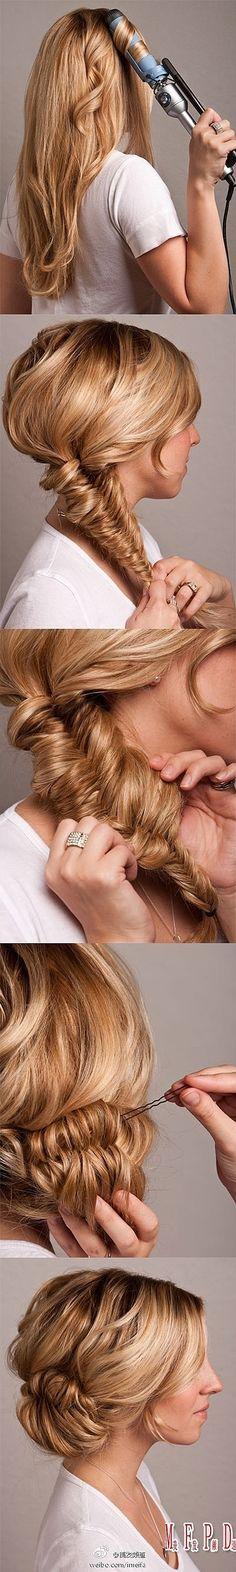 Hermoso peinado y ademas super sencillo